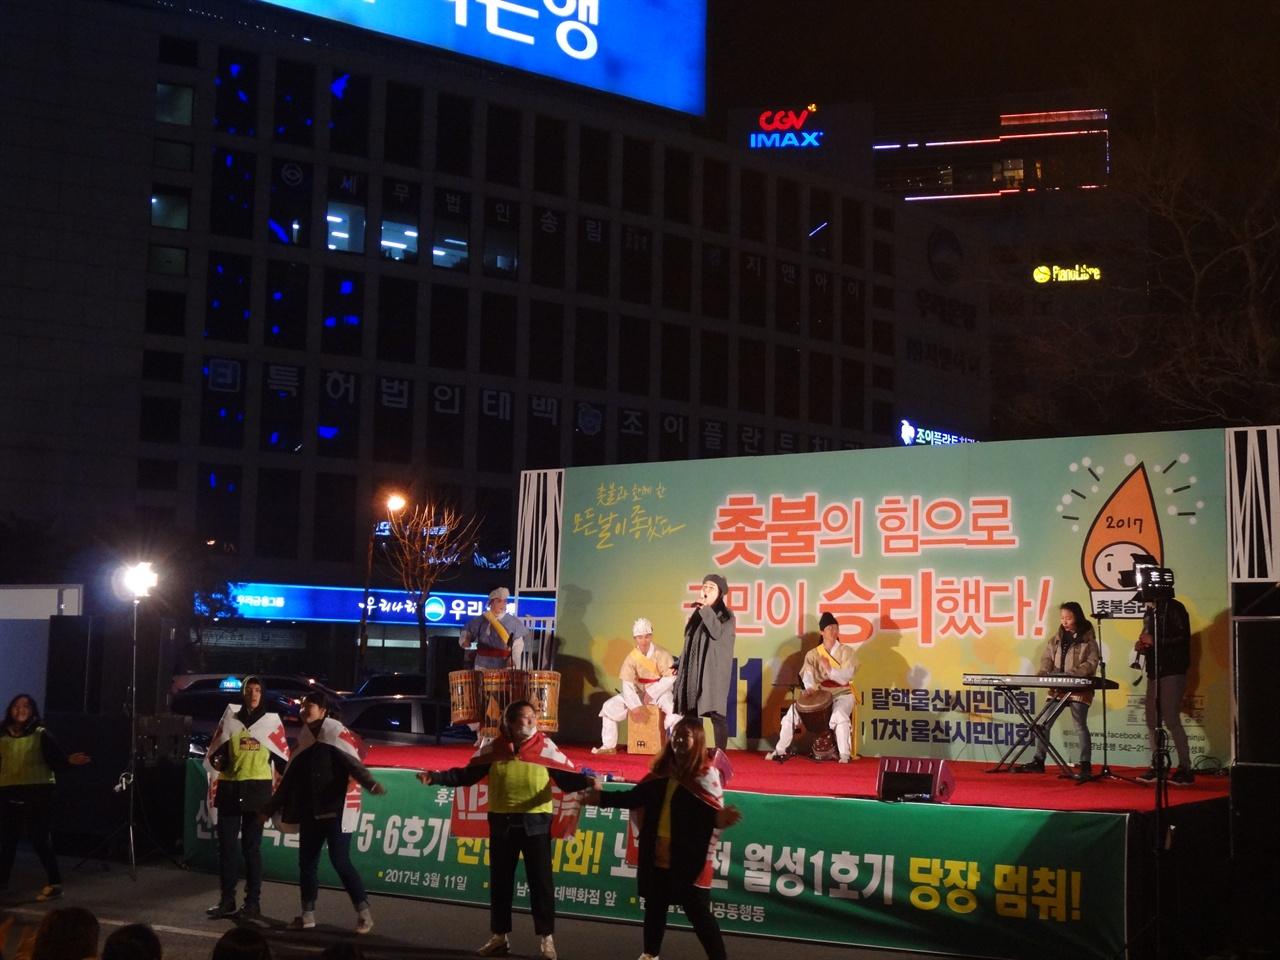 즐거운 국악공연 제 17차 울산시민대회의 마지막 공연이며 자원봉사자들이 춤추고 있다.